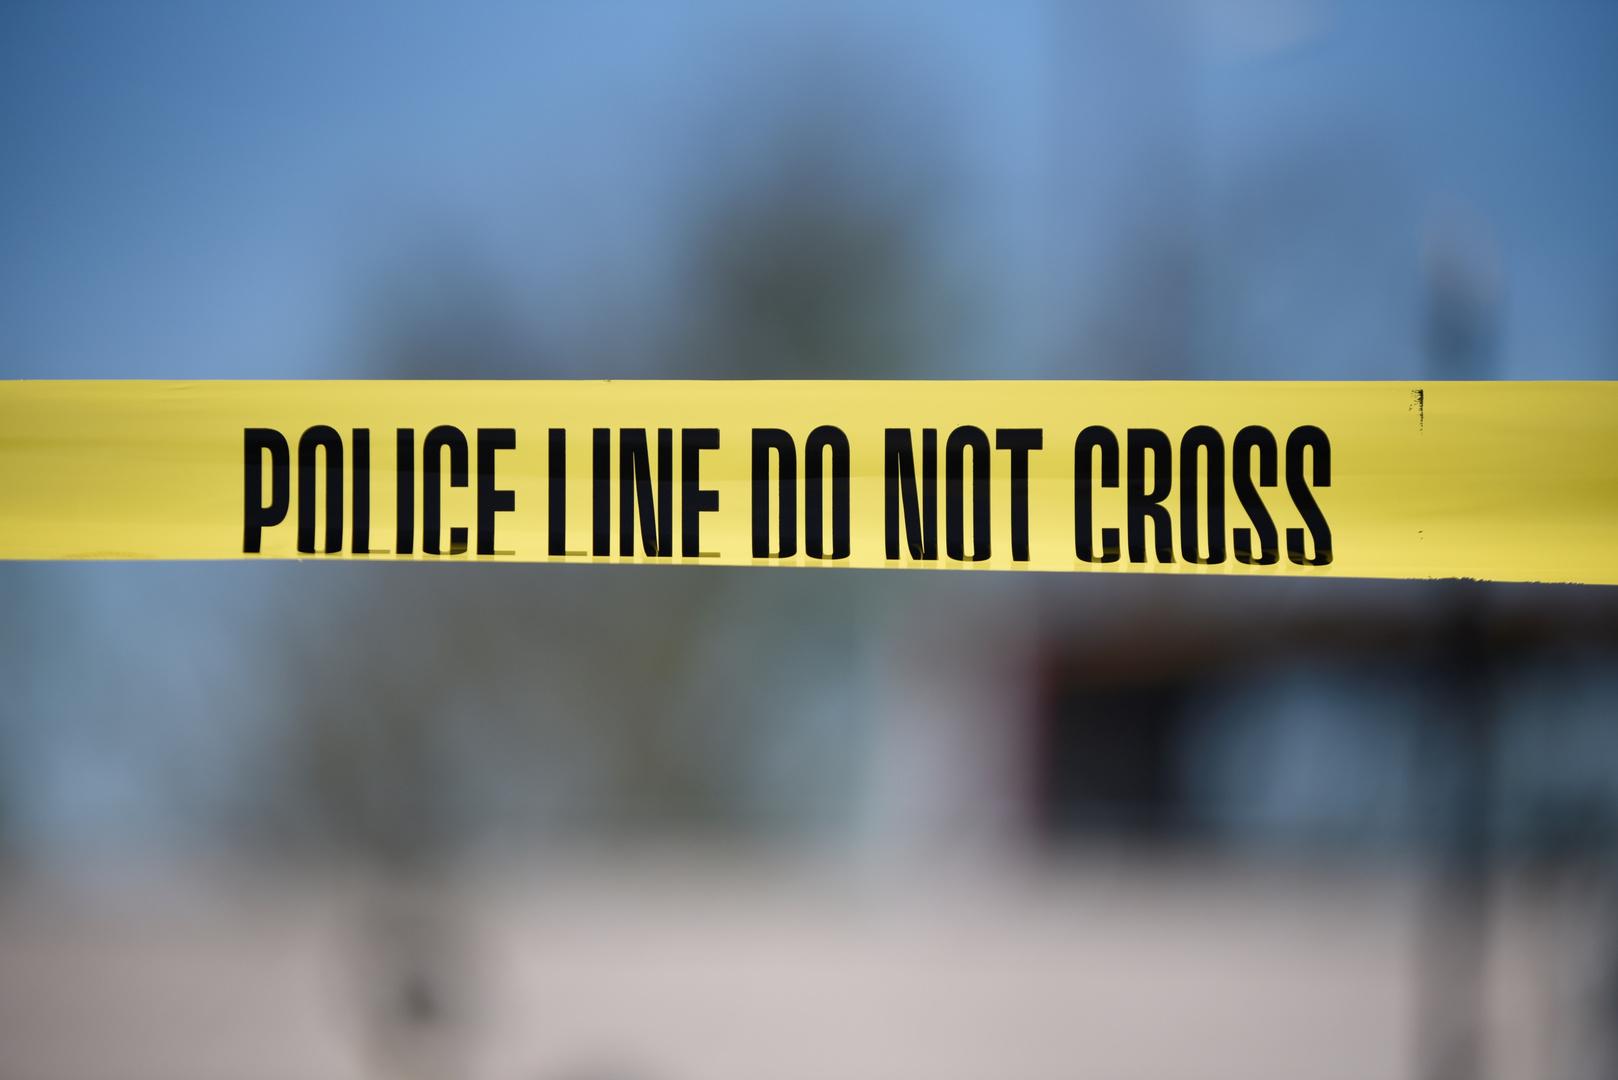 شريط لحماية مكان الجريمة